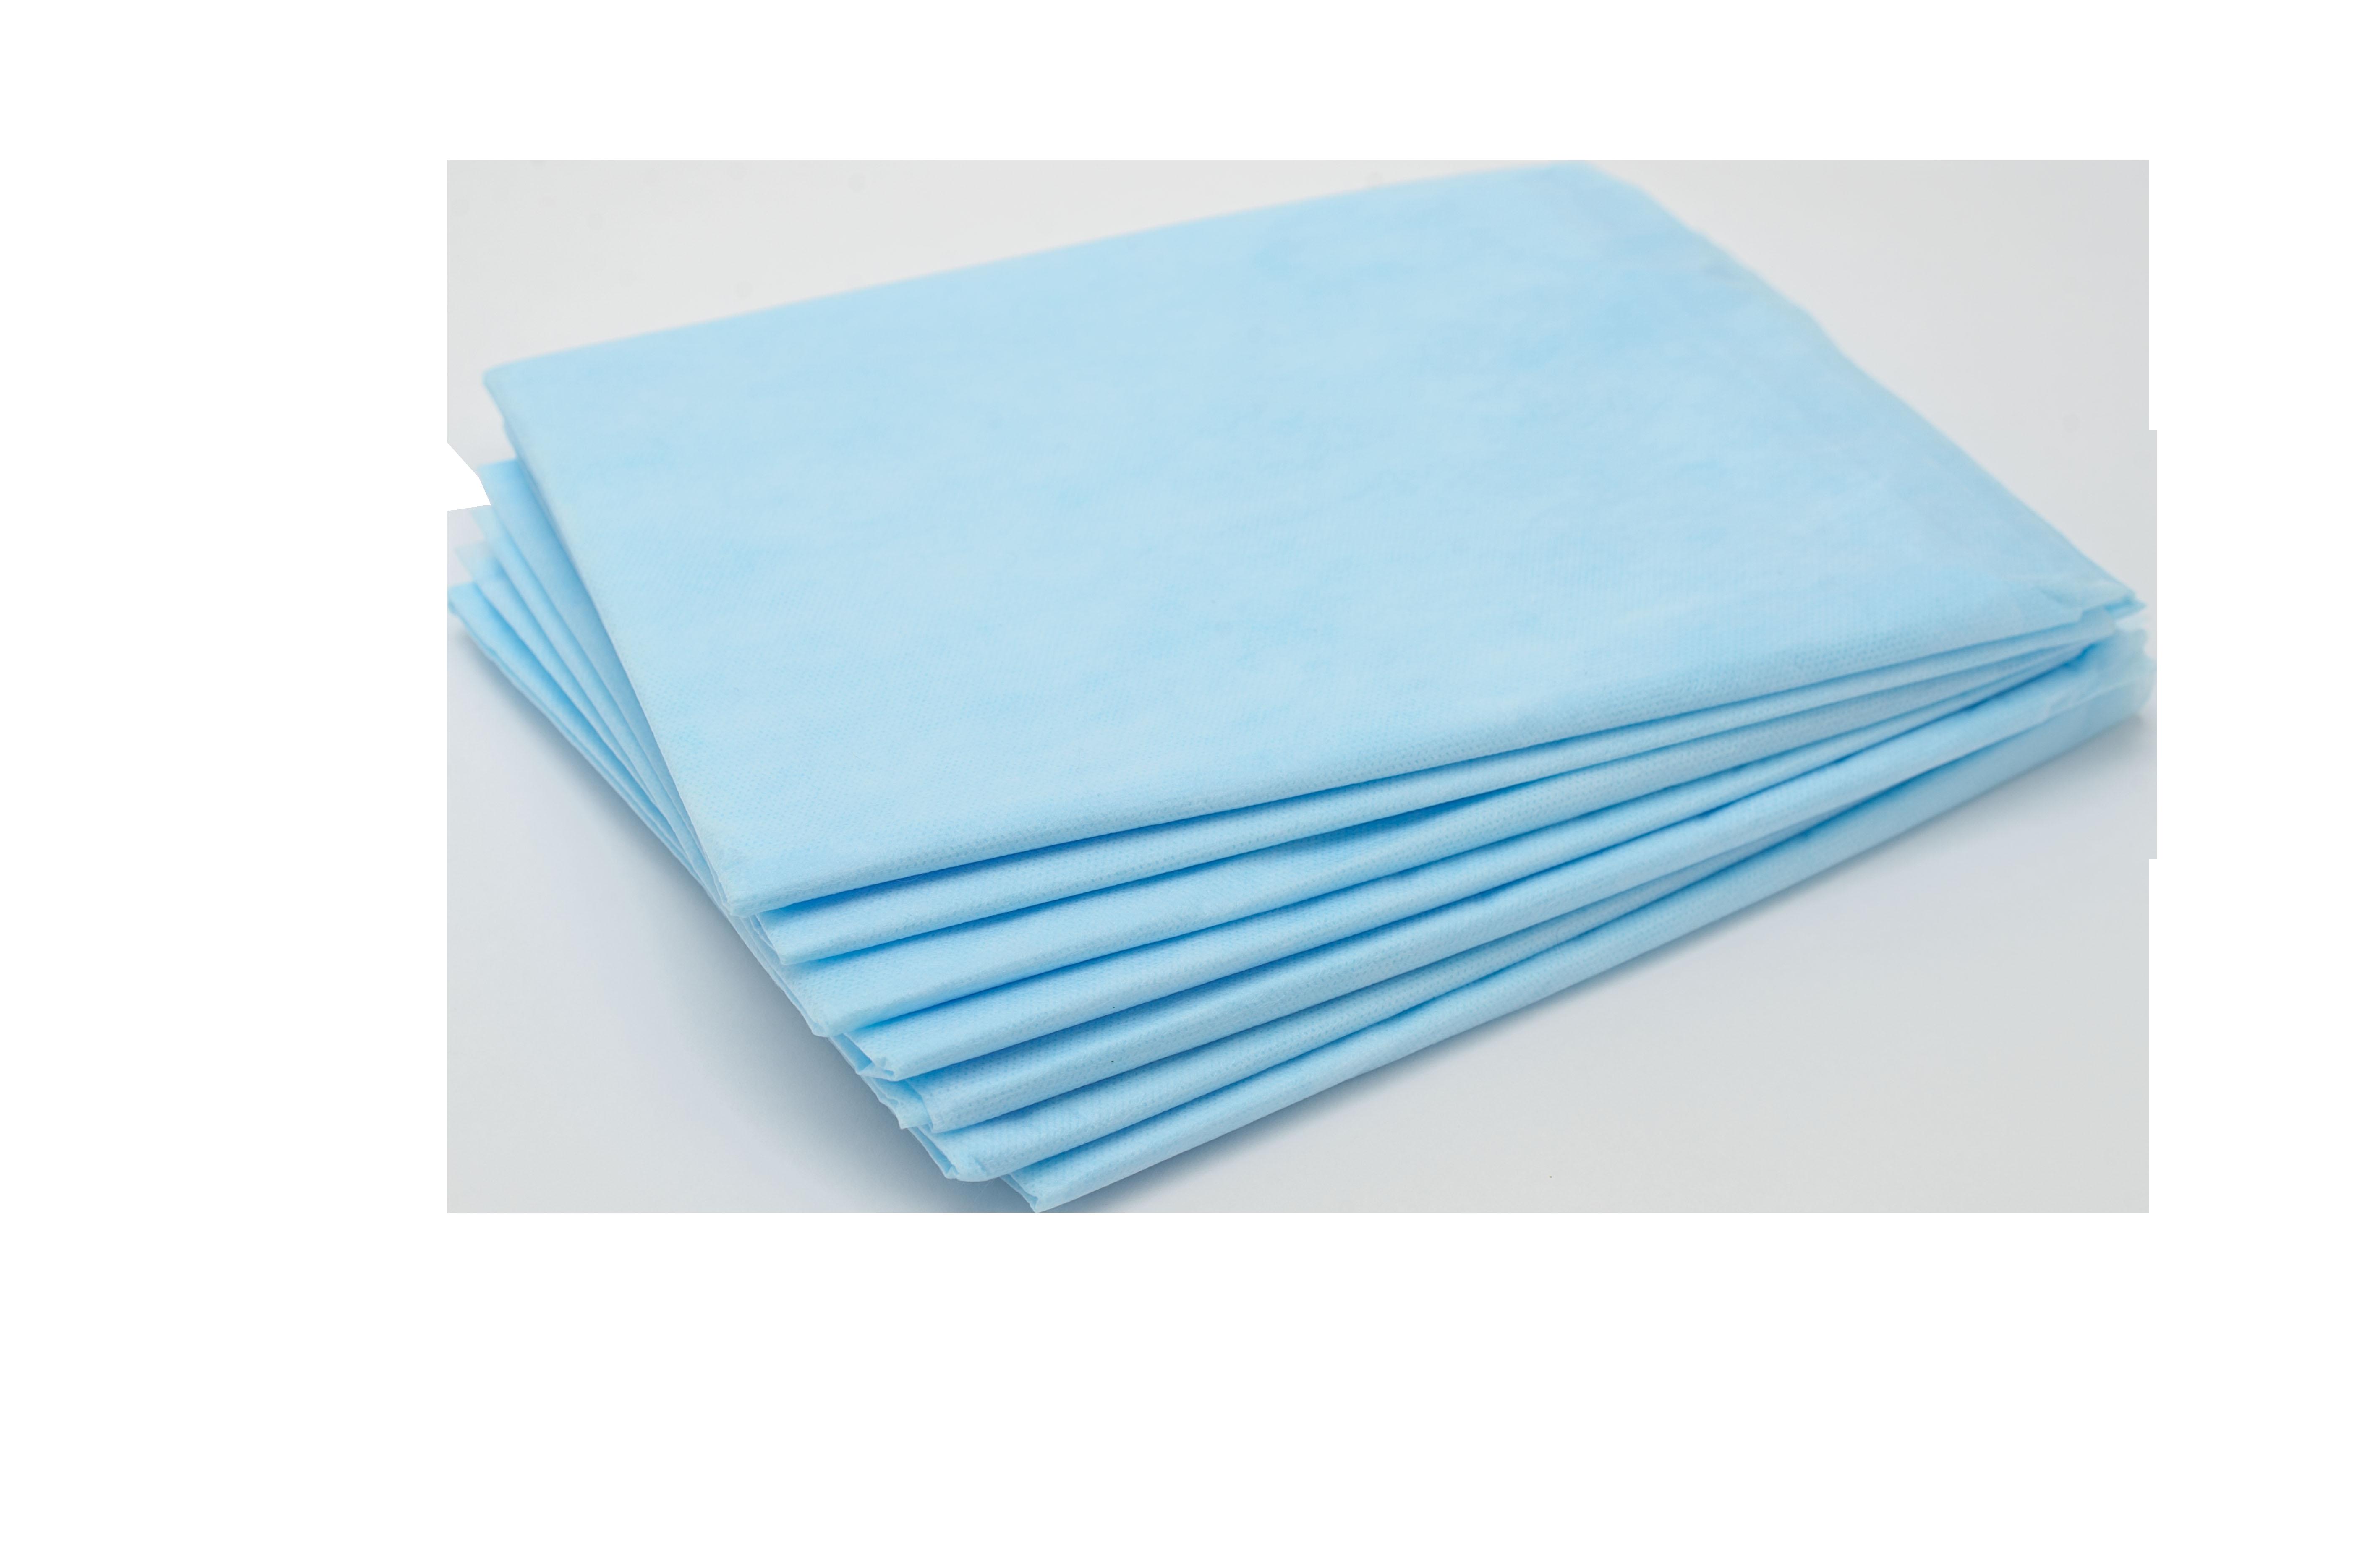 ЧИСТОВЬЕ Простыня SMS 200*80 см голубая Комфорт 20 шт/уп